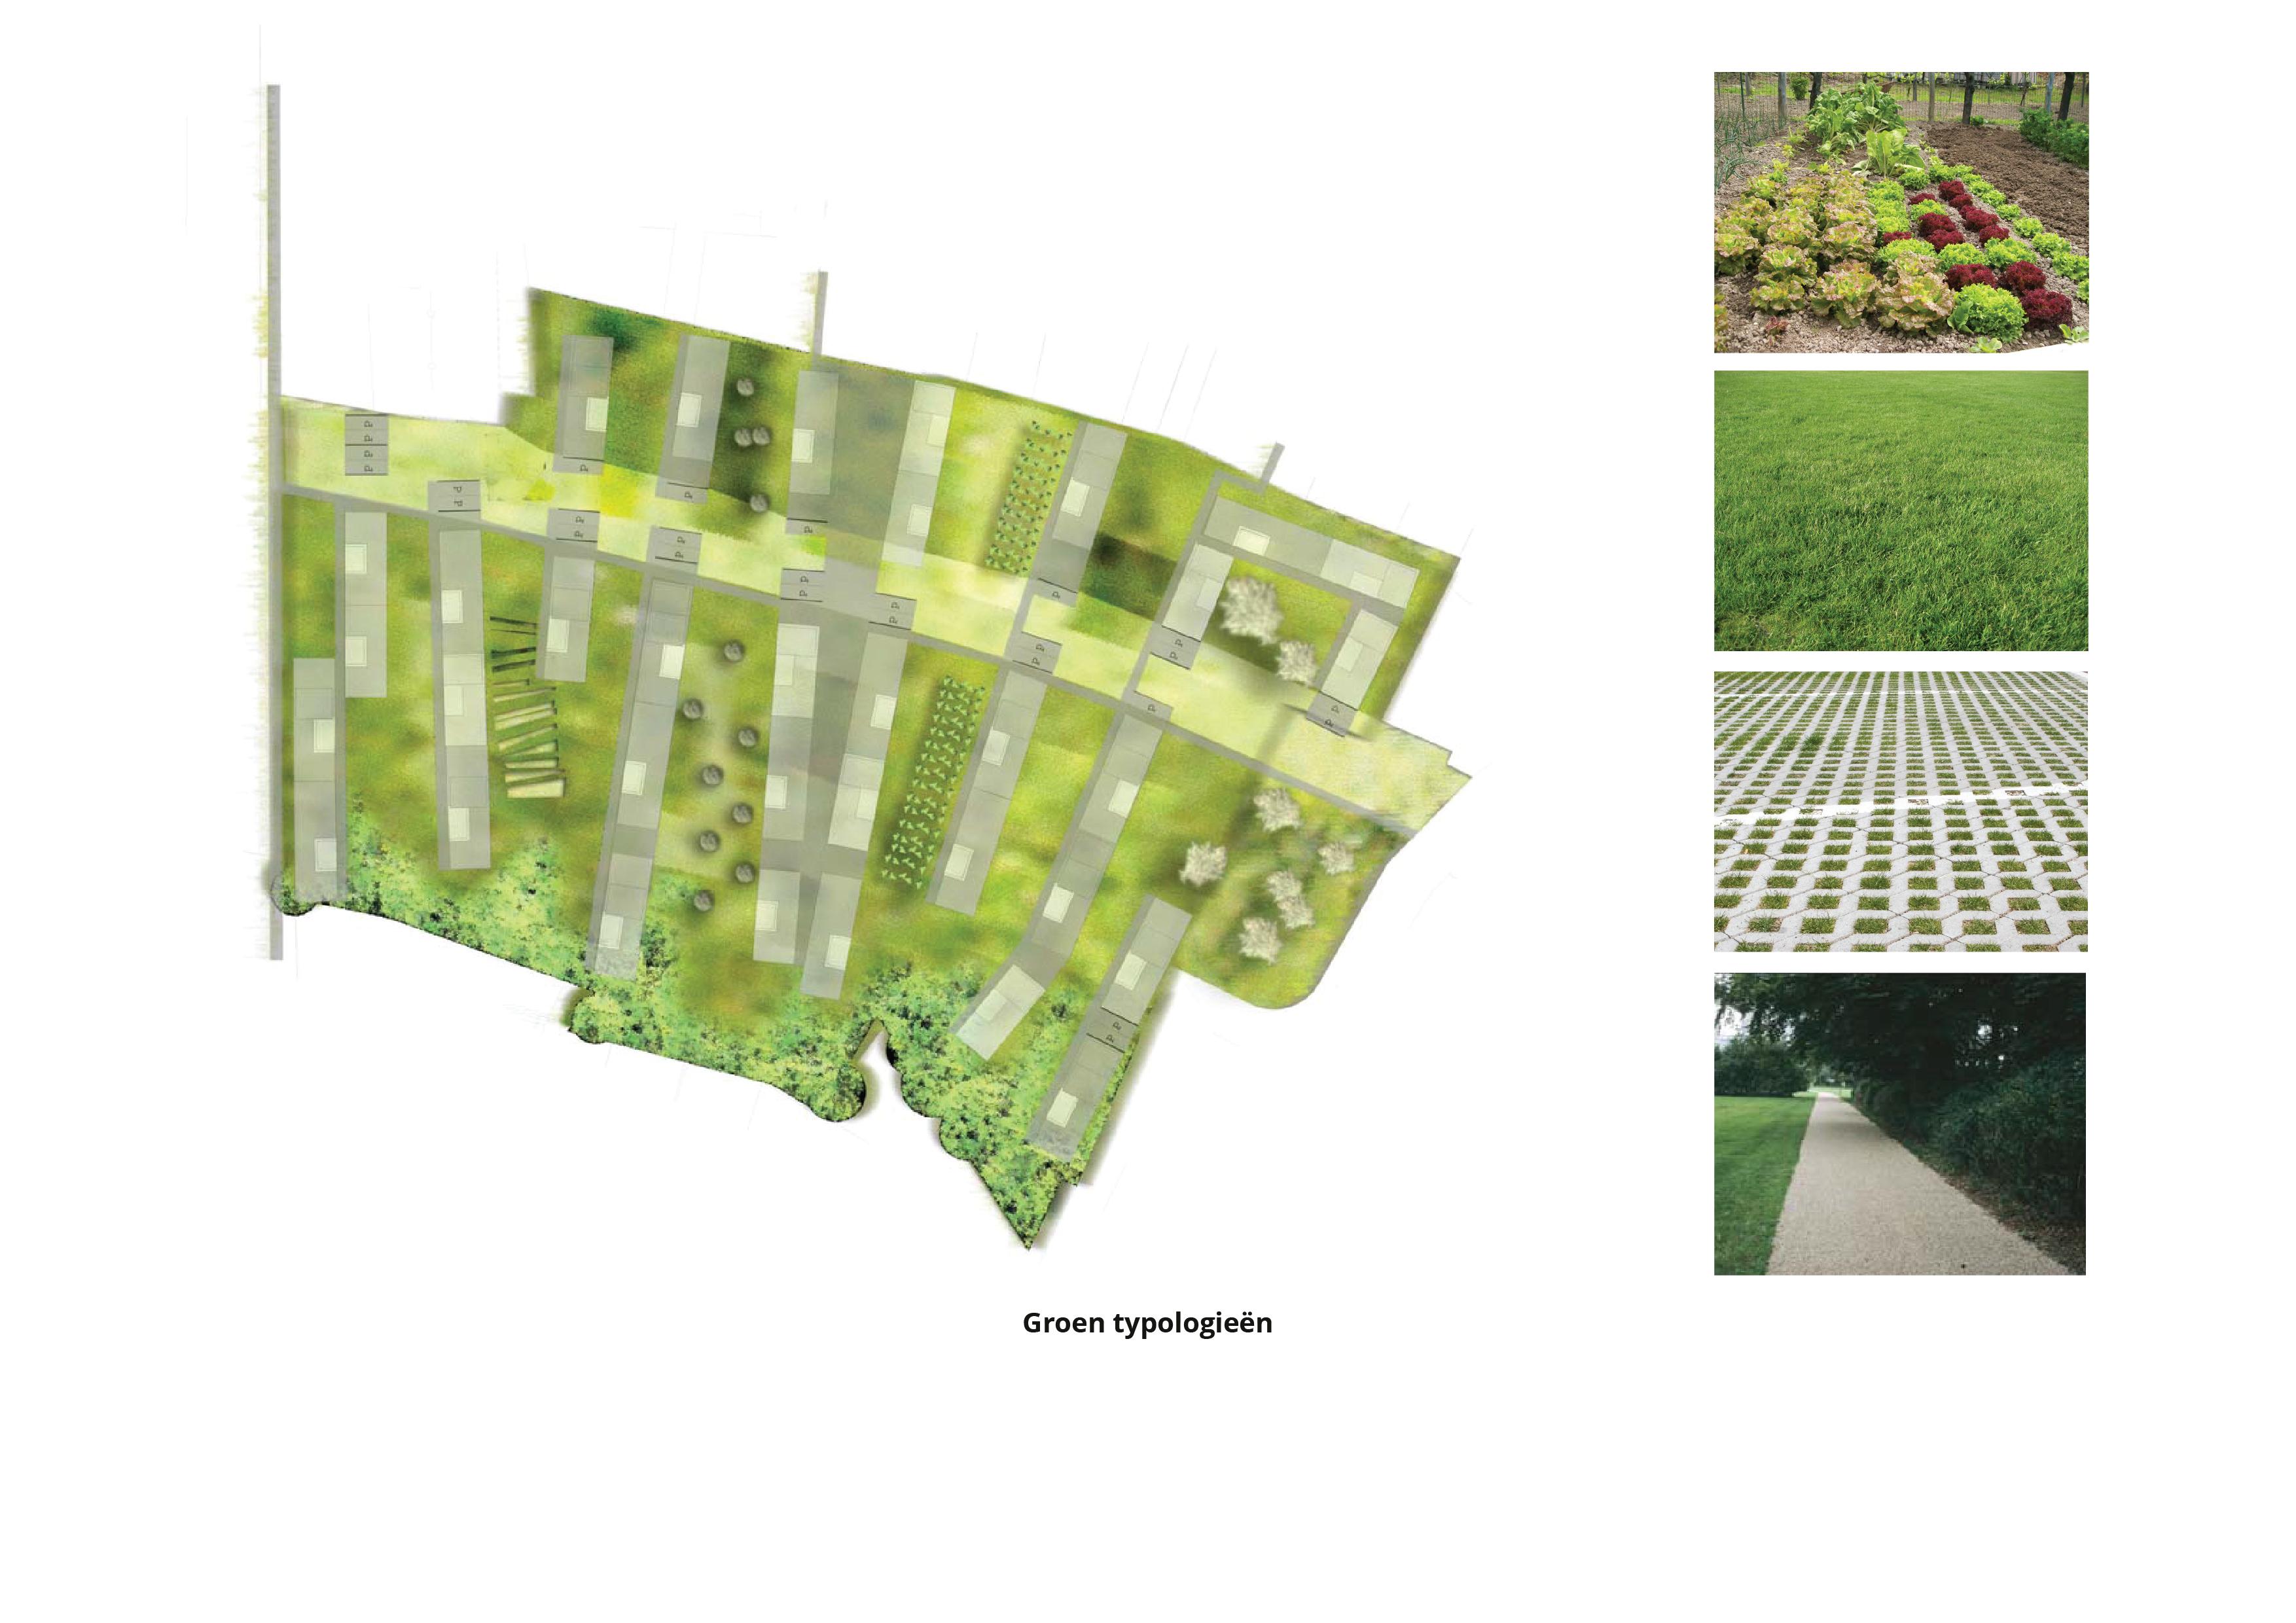 Hofleven – Groenstructuur